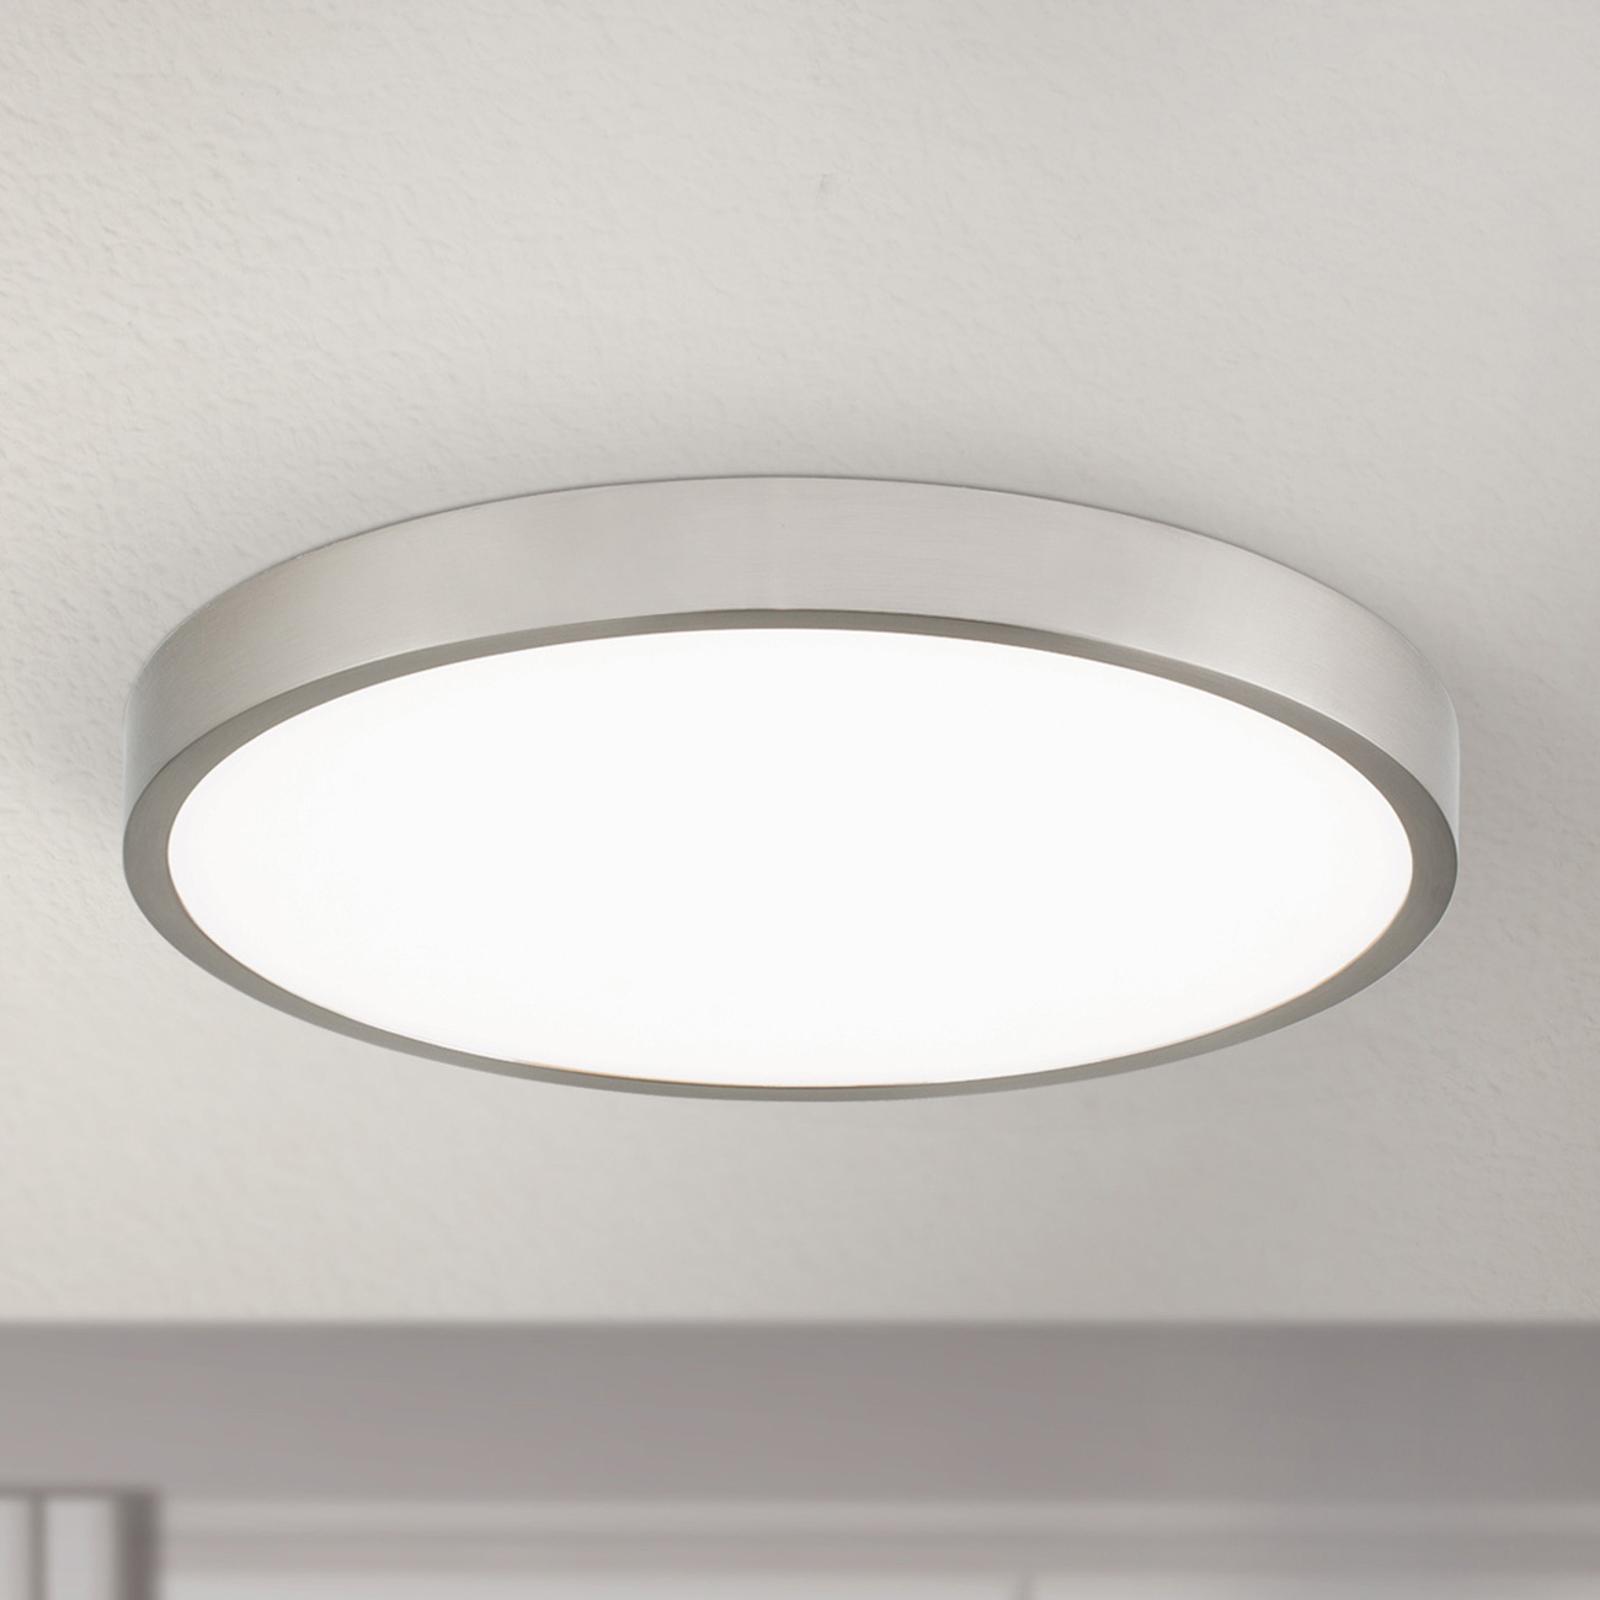 Lampa sufitowa LED Bully, satyna 24 cm